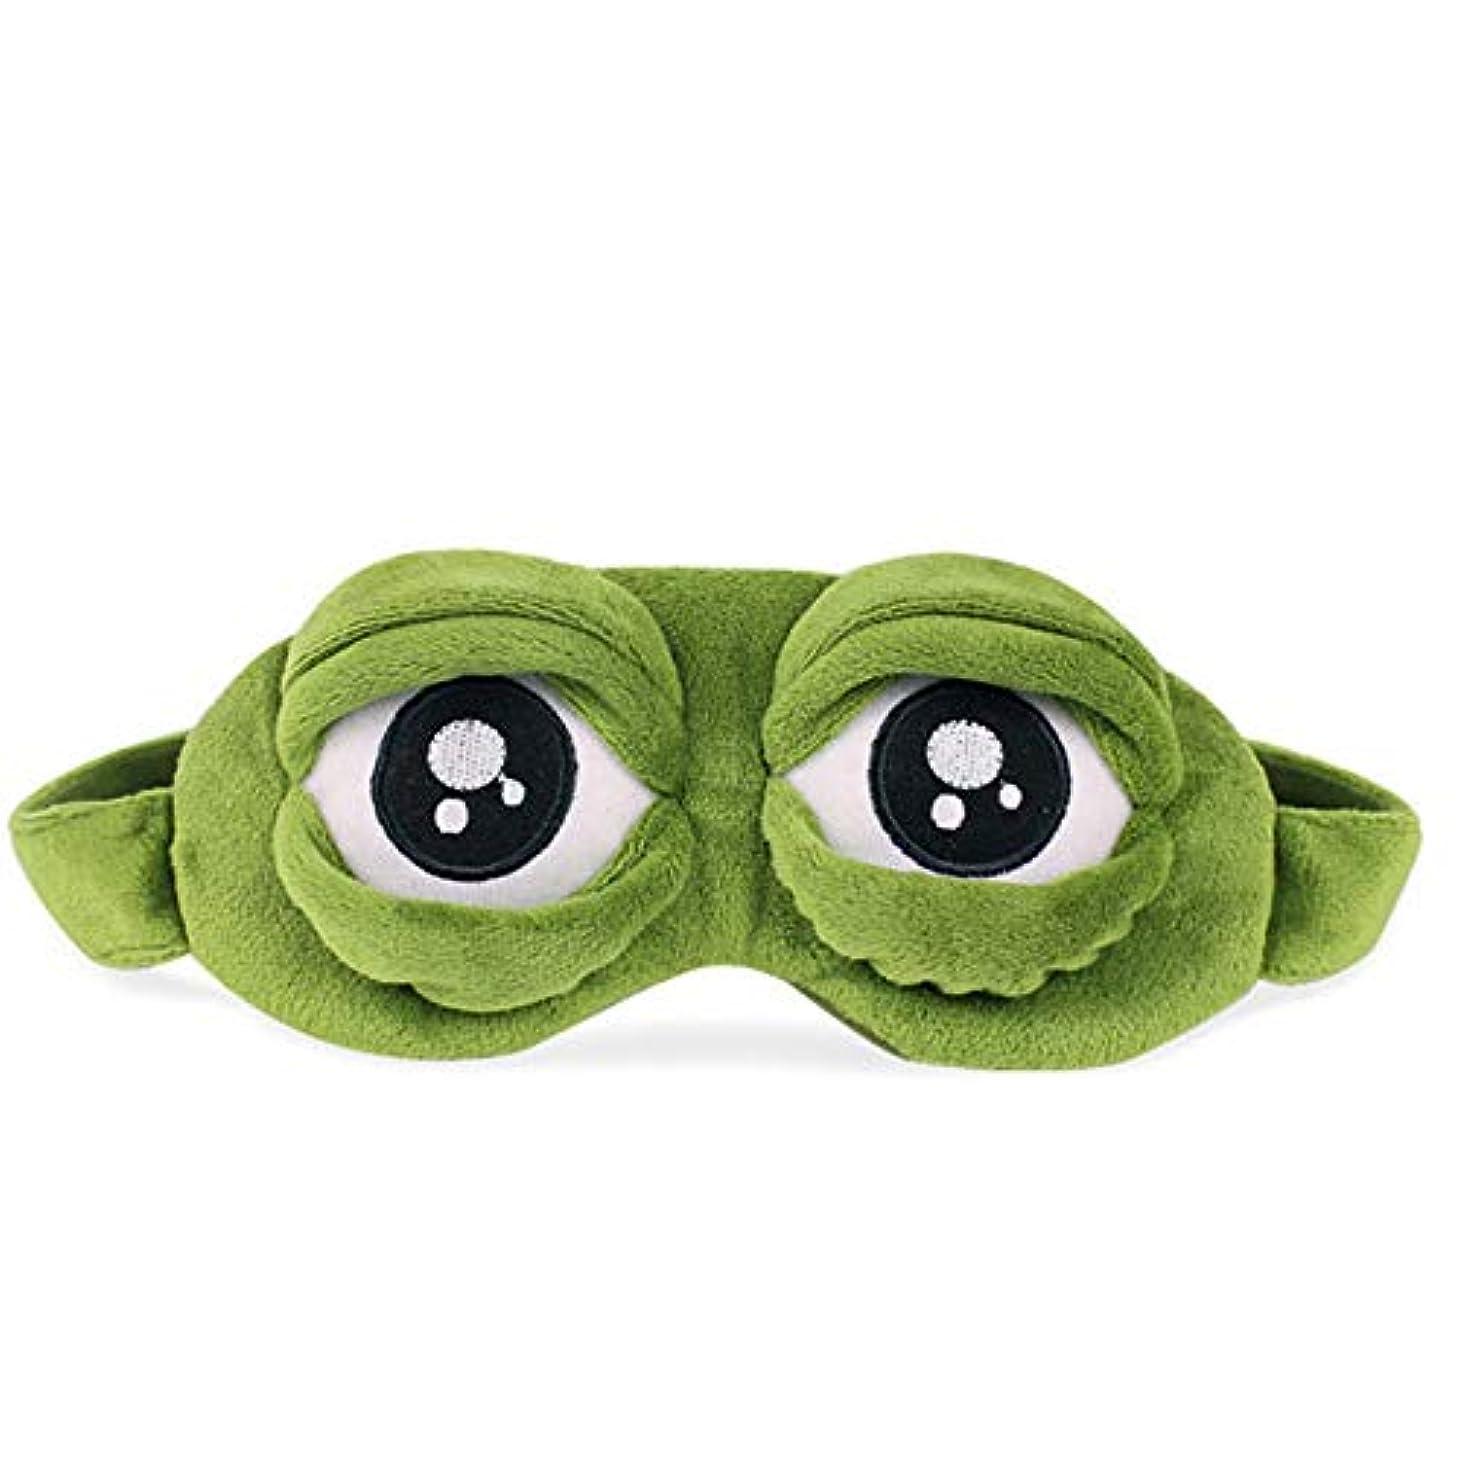 NOTE OutTop新しいかわいい目のカバー悲しい3Dアイマスクカバー眠っている残りの睡眠アニメ面白いギフトベストセラー#30